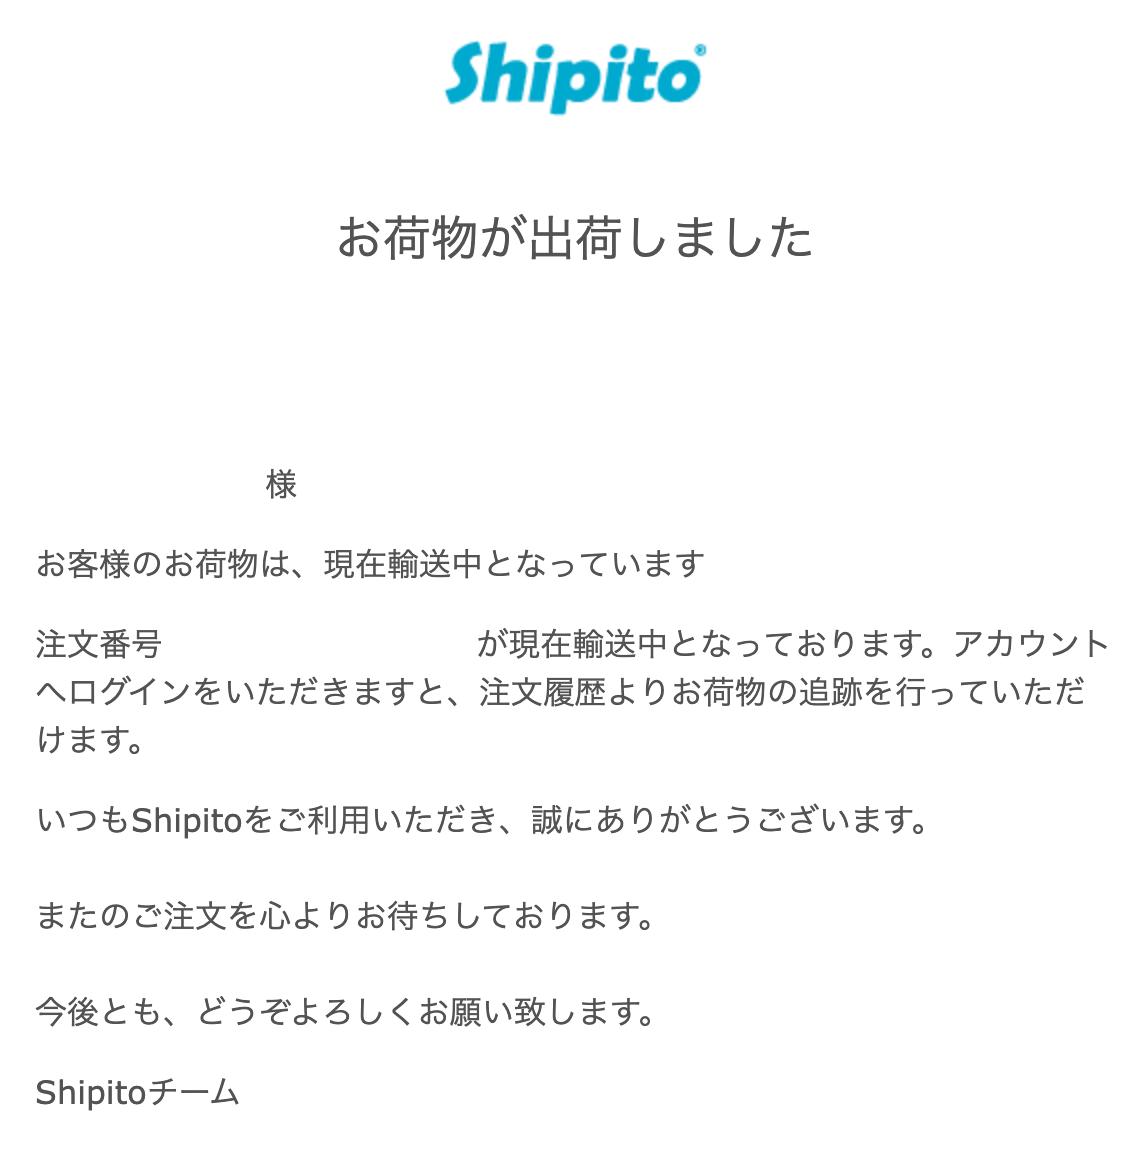 Shipito(シッピトゥ)海外からの転送サービスの使い方 出荷のお知らせ